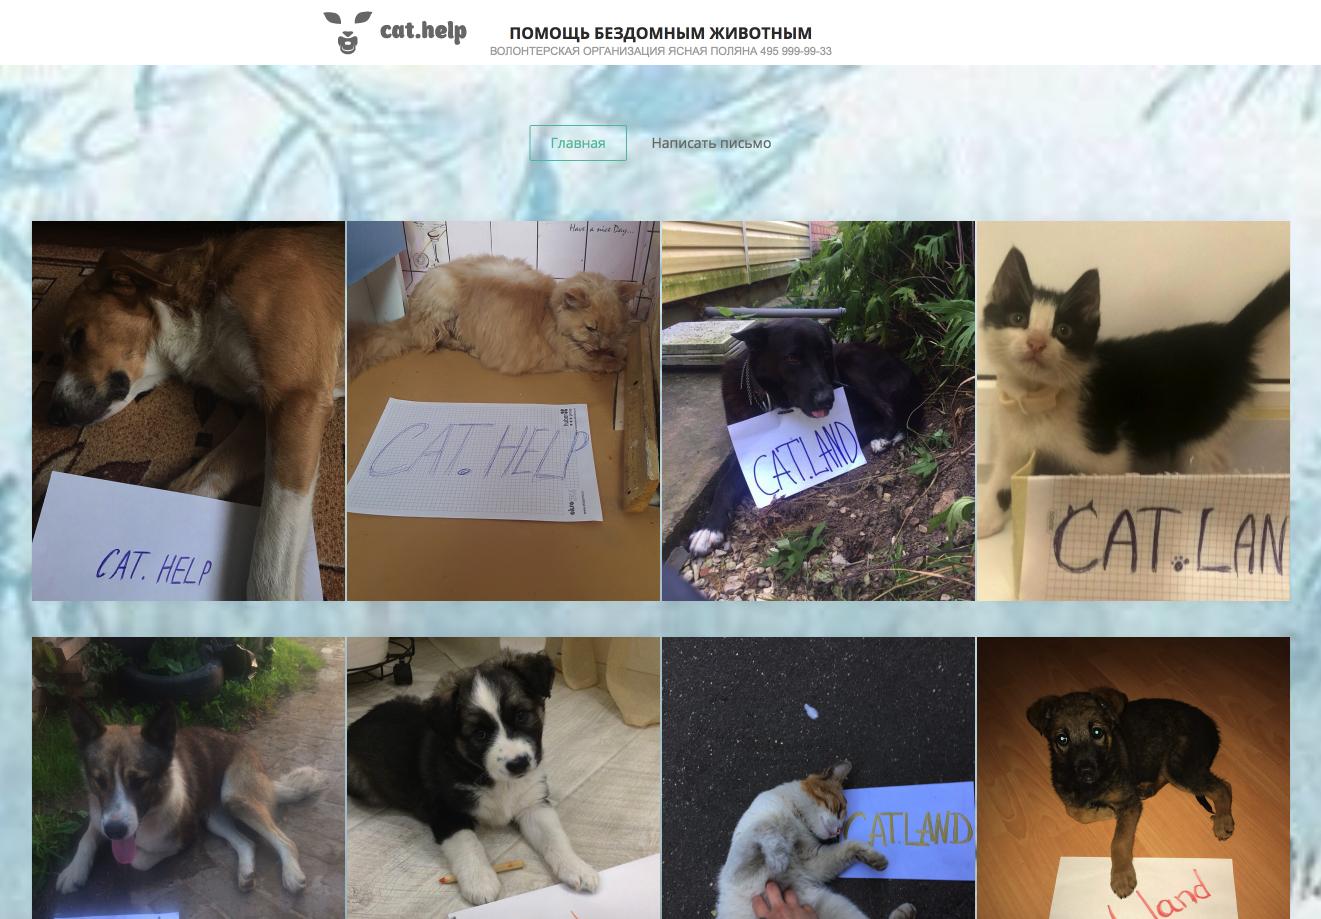 логотип для сайта и группы вк - cat.help фото f_10359daa18ad5e0b.jpg